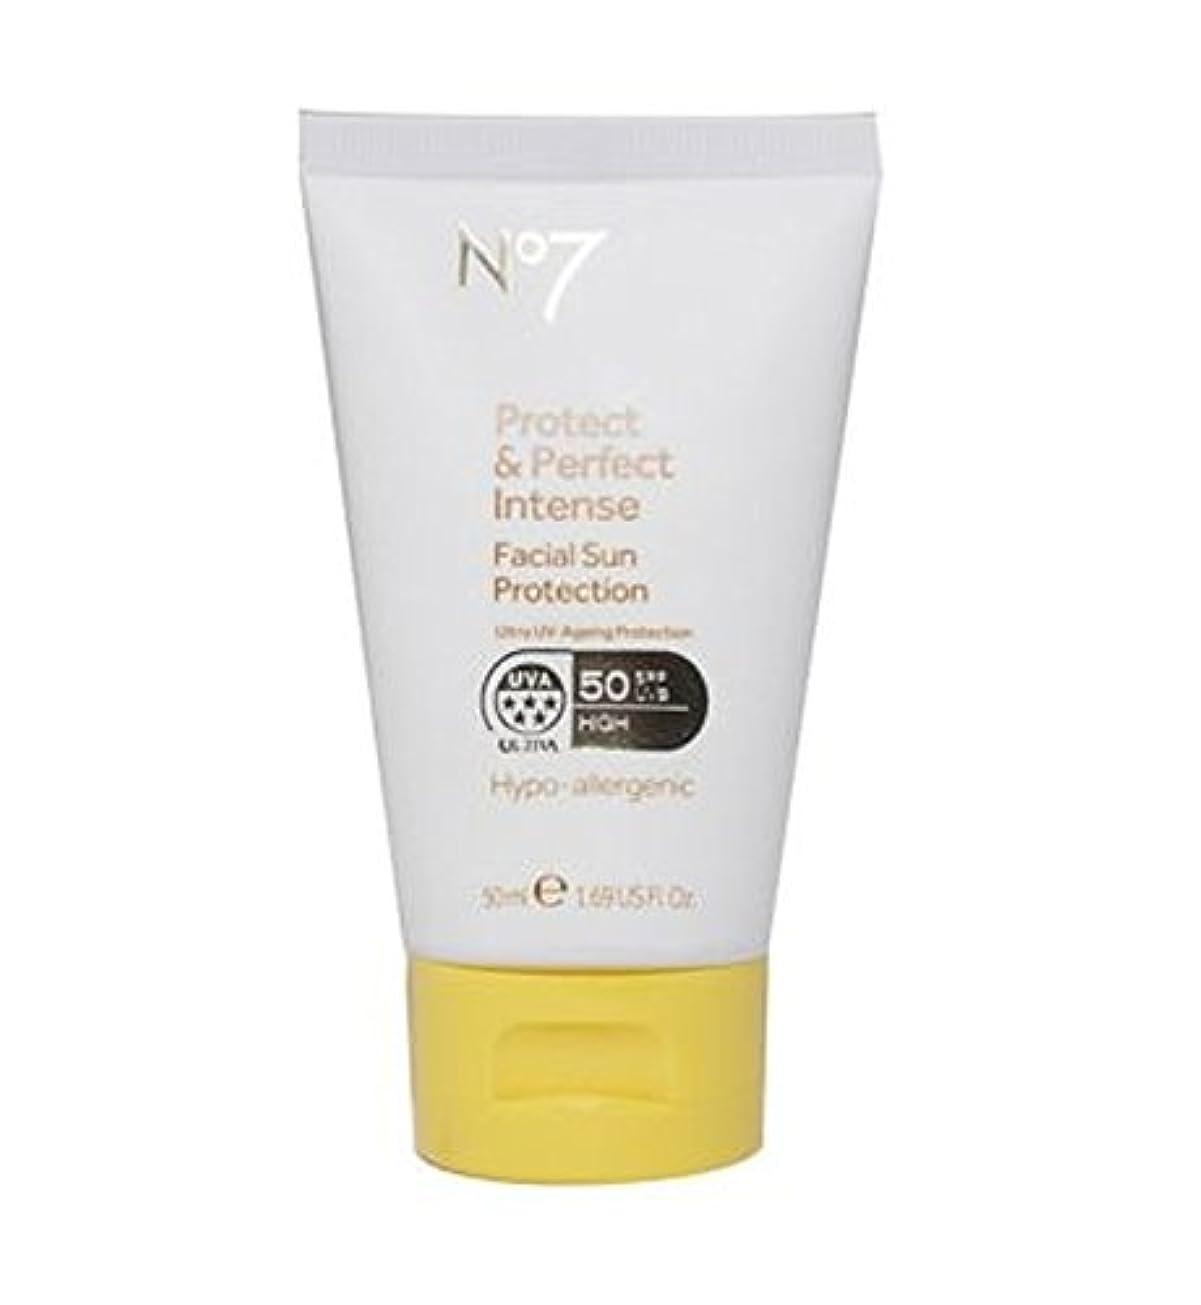 添加複合濃度No7保護&完璧な強烈な顔の日焼け防止Spf 50 50ミリリットル (No7) (x2) - No7 Protect & Perfect Intense Facial Sun Protection SPF 50 50ml...